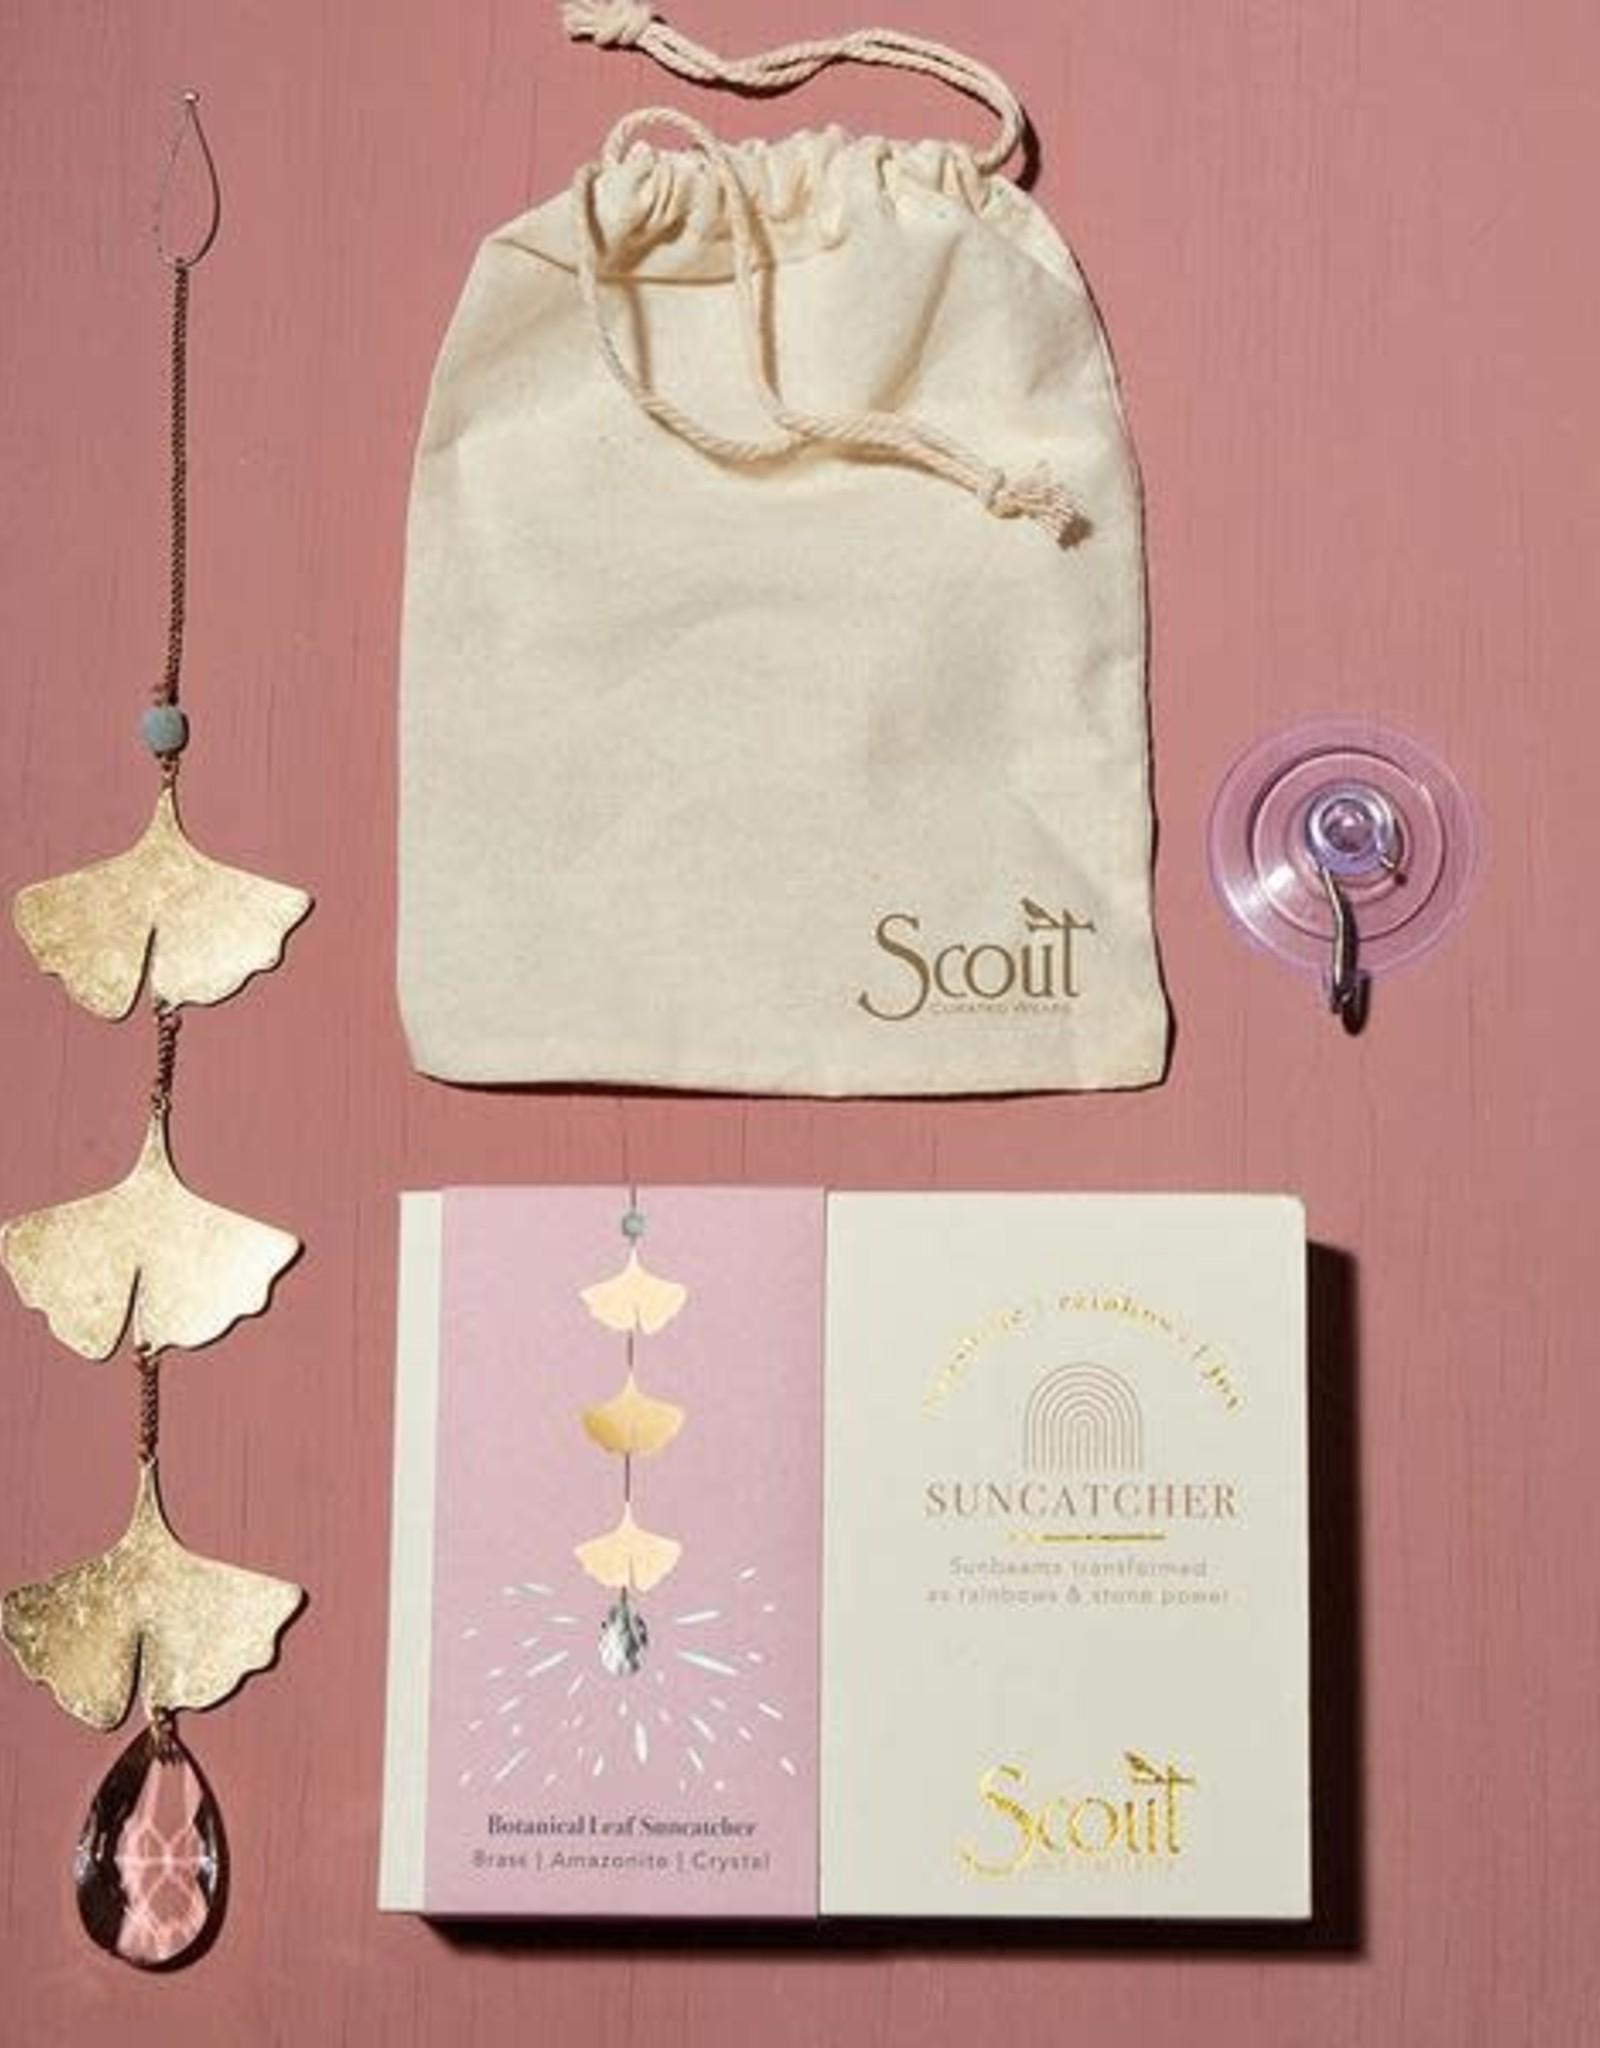 Scout Suncatcher- Botanical Leaf/Amazonite